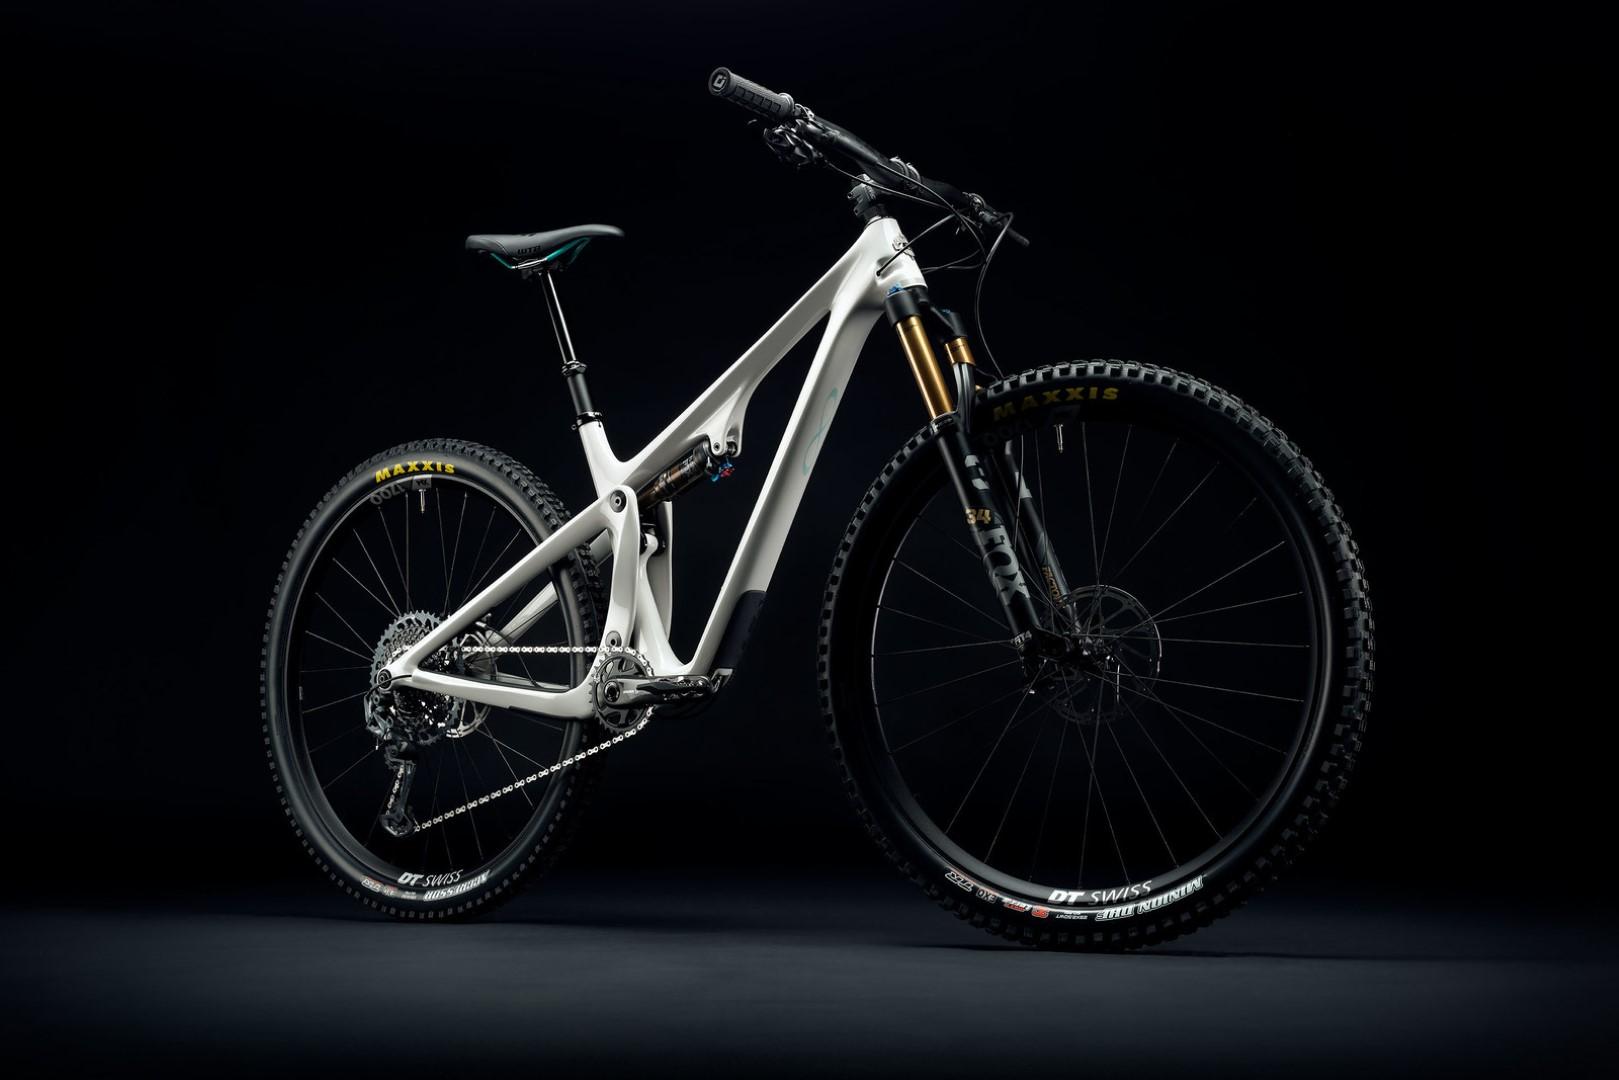 s1600_2021_yeticycles_sb115_t2_blanco_dark_270845-custom